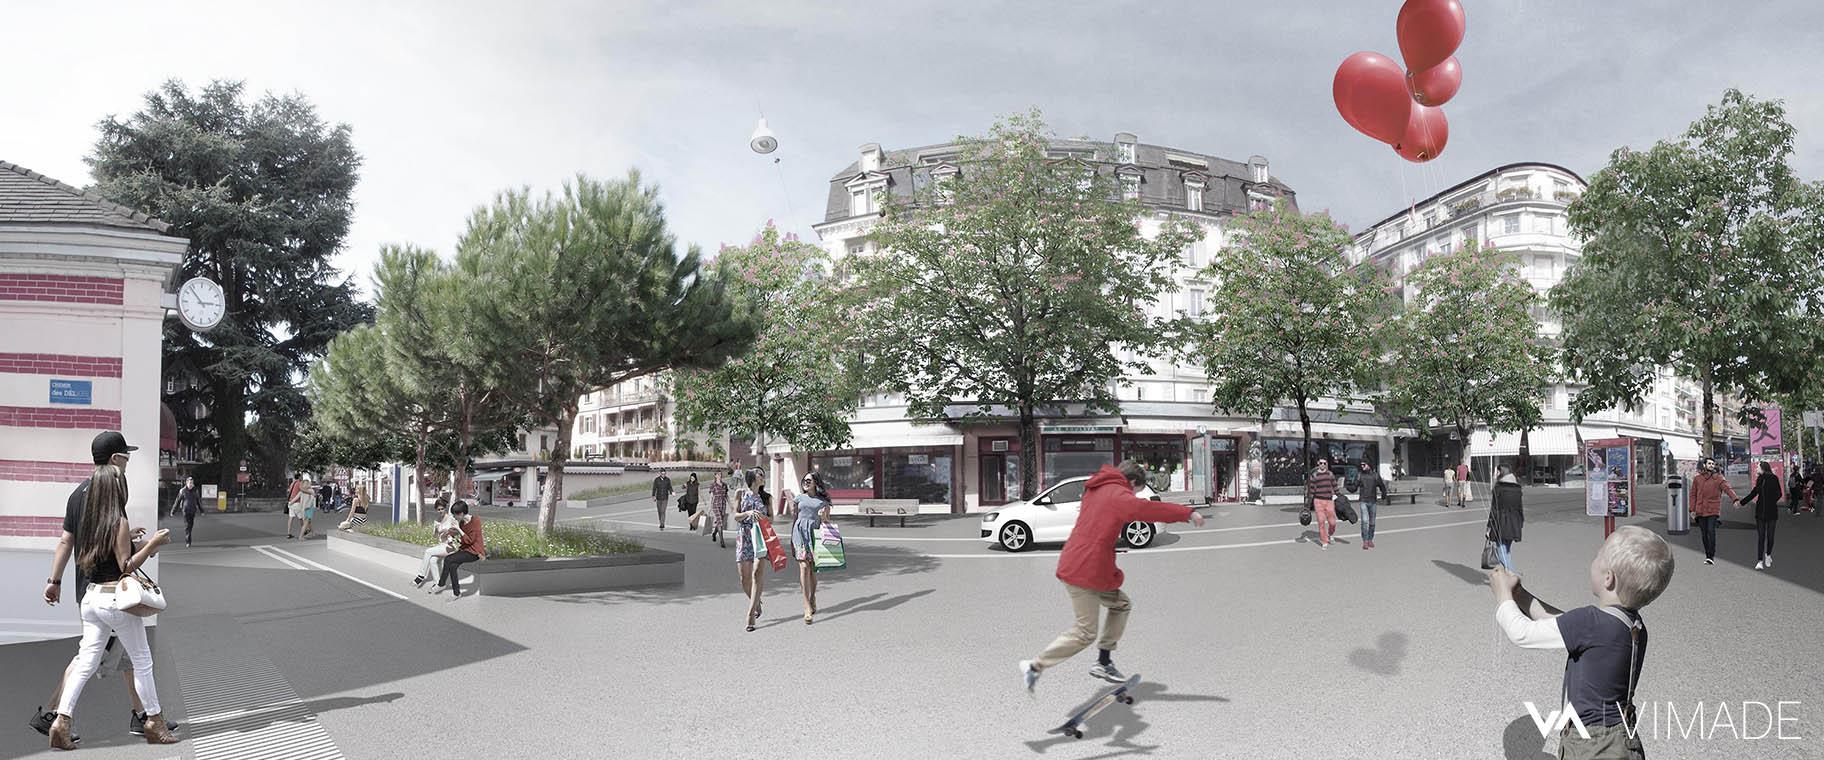 perspective-concours-sous-gare-lausanne-espace-public-place-grancy-metro-ficelle-vimade